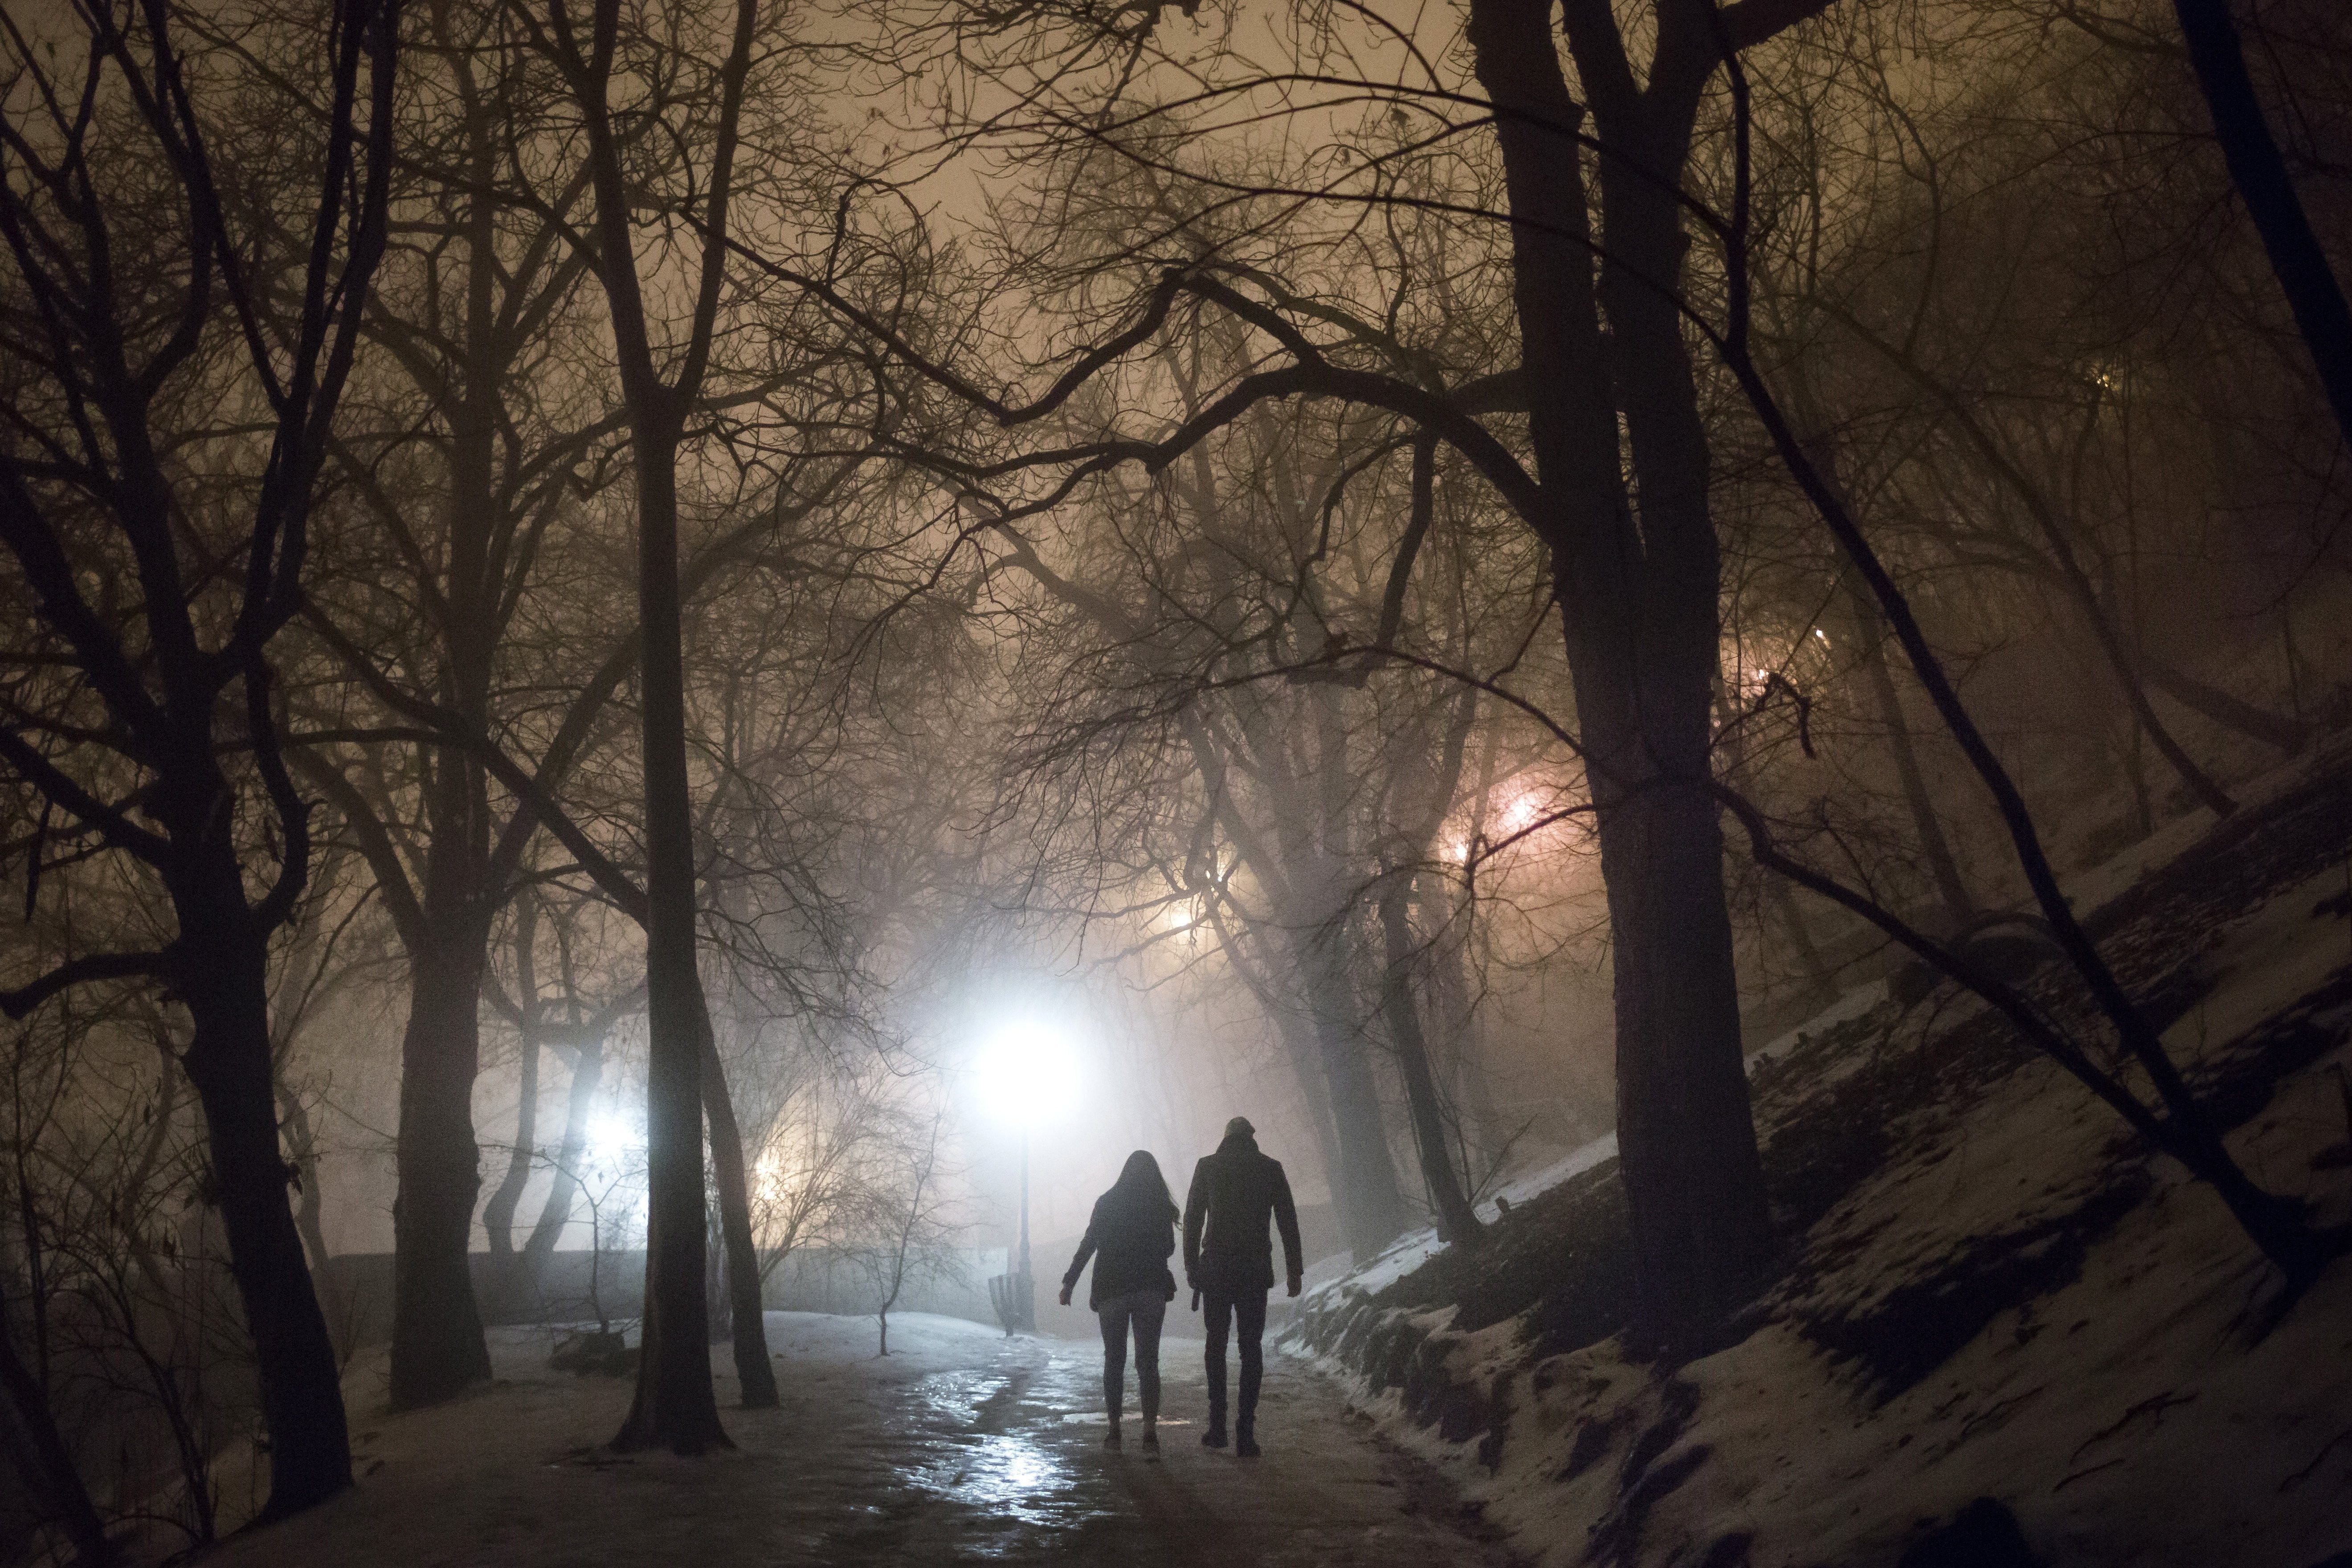 Figyelmeztetést adtak ki Budapestre és tizennégy megyére péntekre